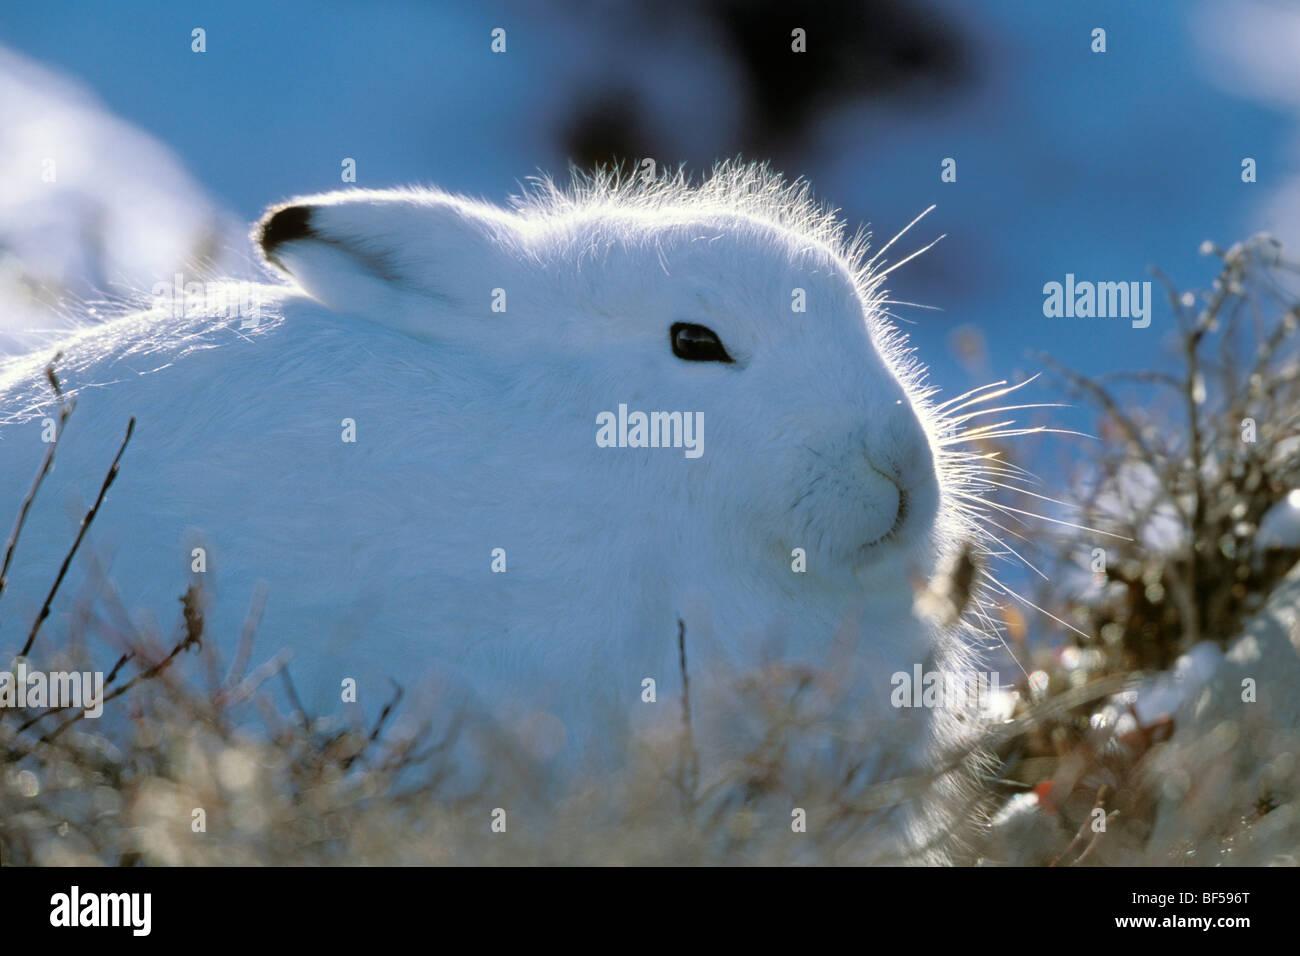 Schneehase (Lepus Arcticus), Deckung, Schnee, Churchill, Kanada Stockbild